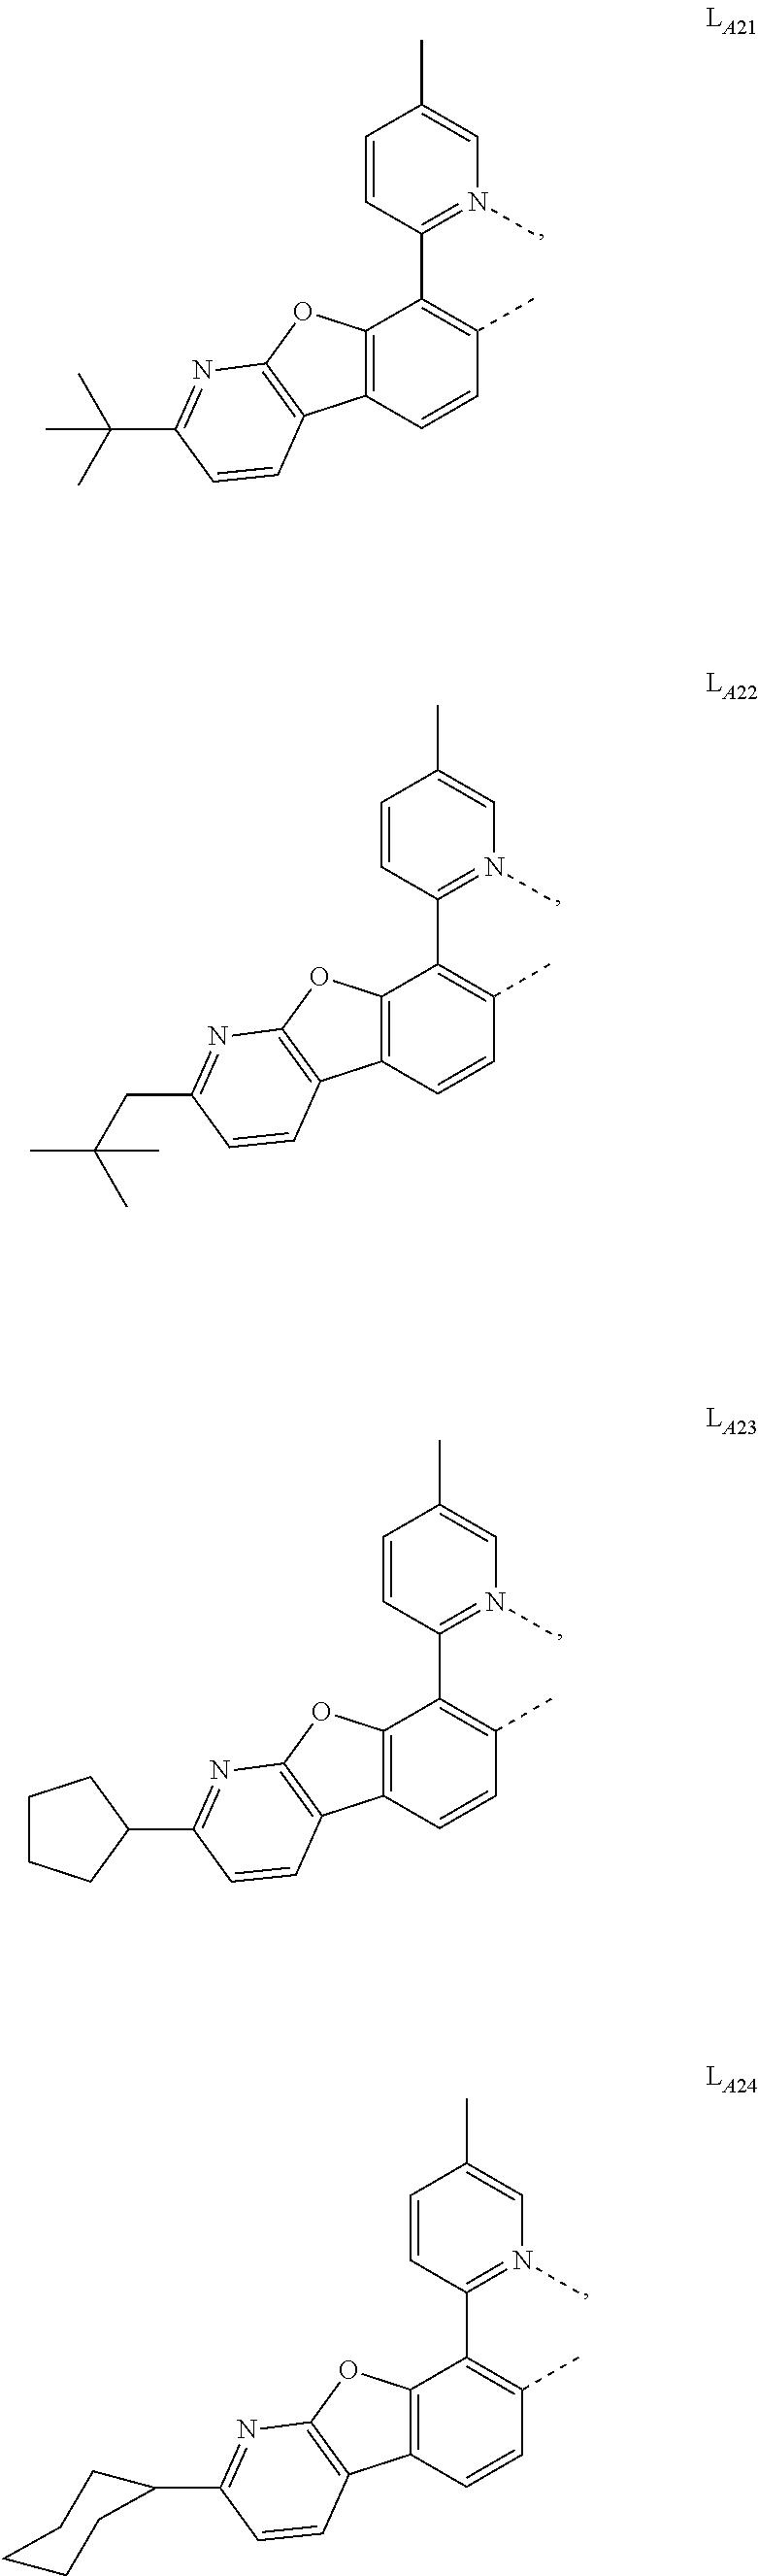 Figure US10043987-20180807-C00012